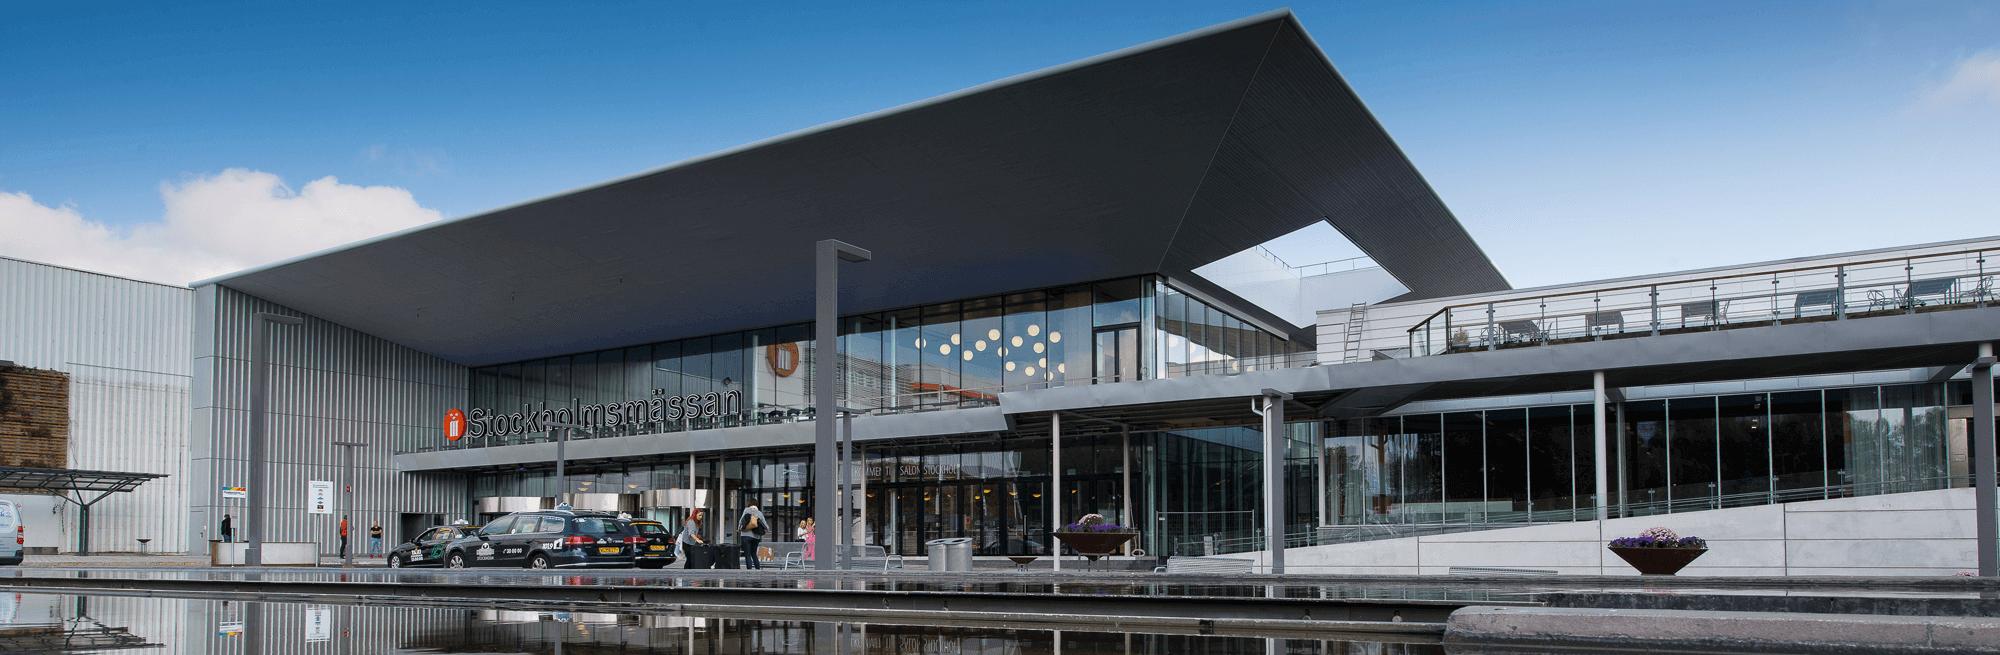 bankomat älvsjö station